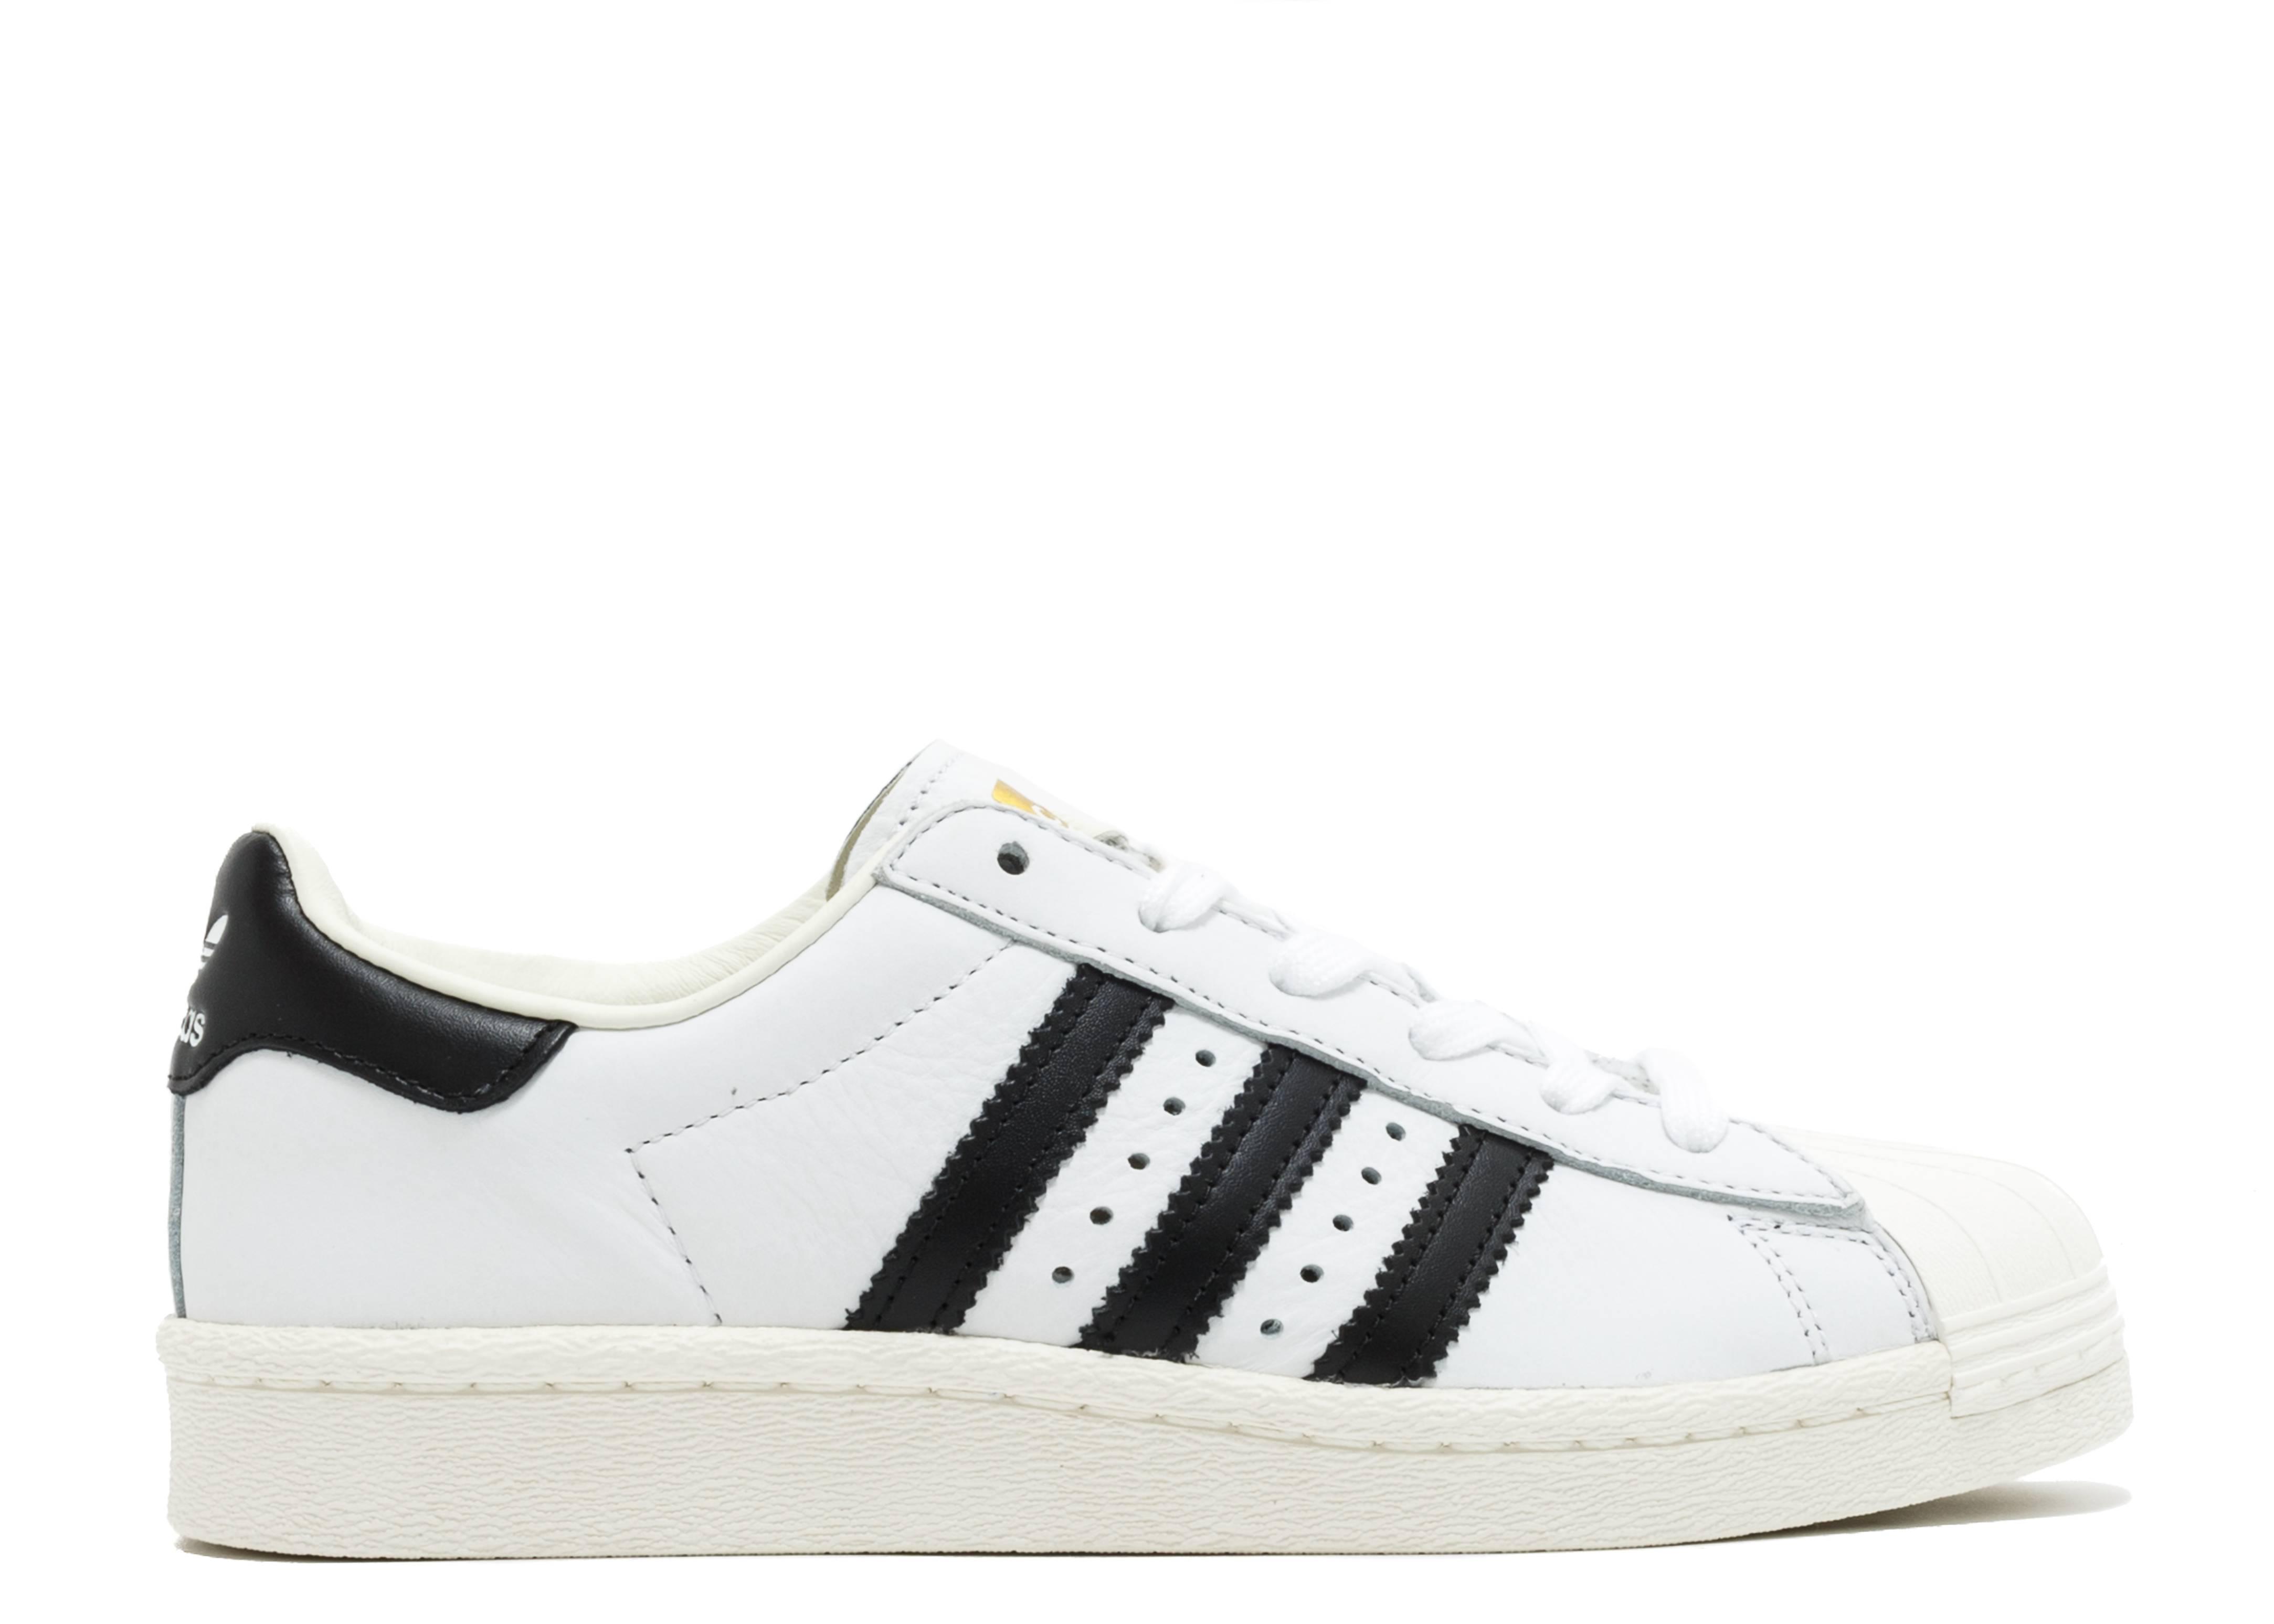 adidas superstar boost white